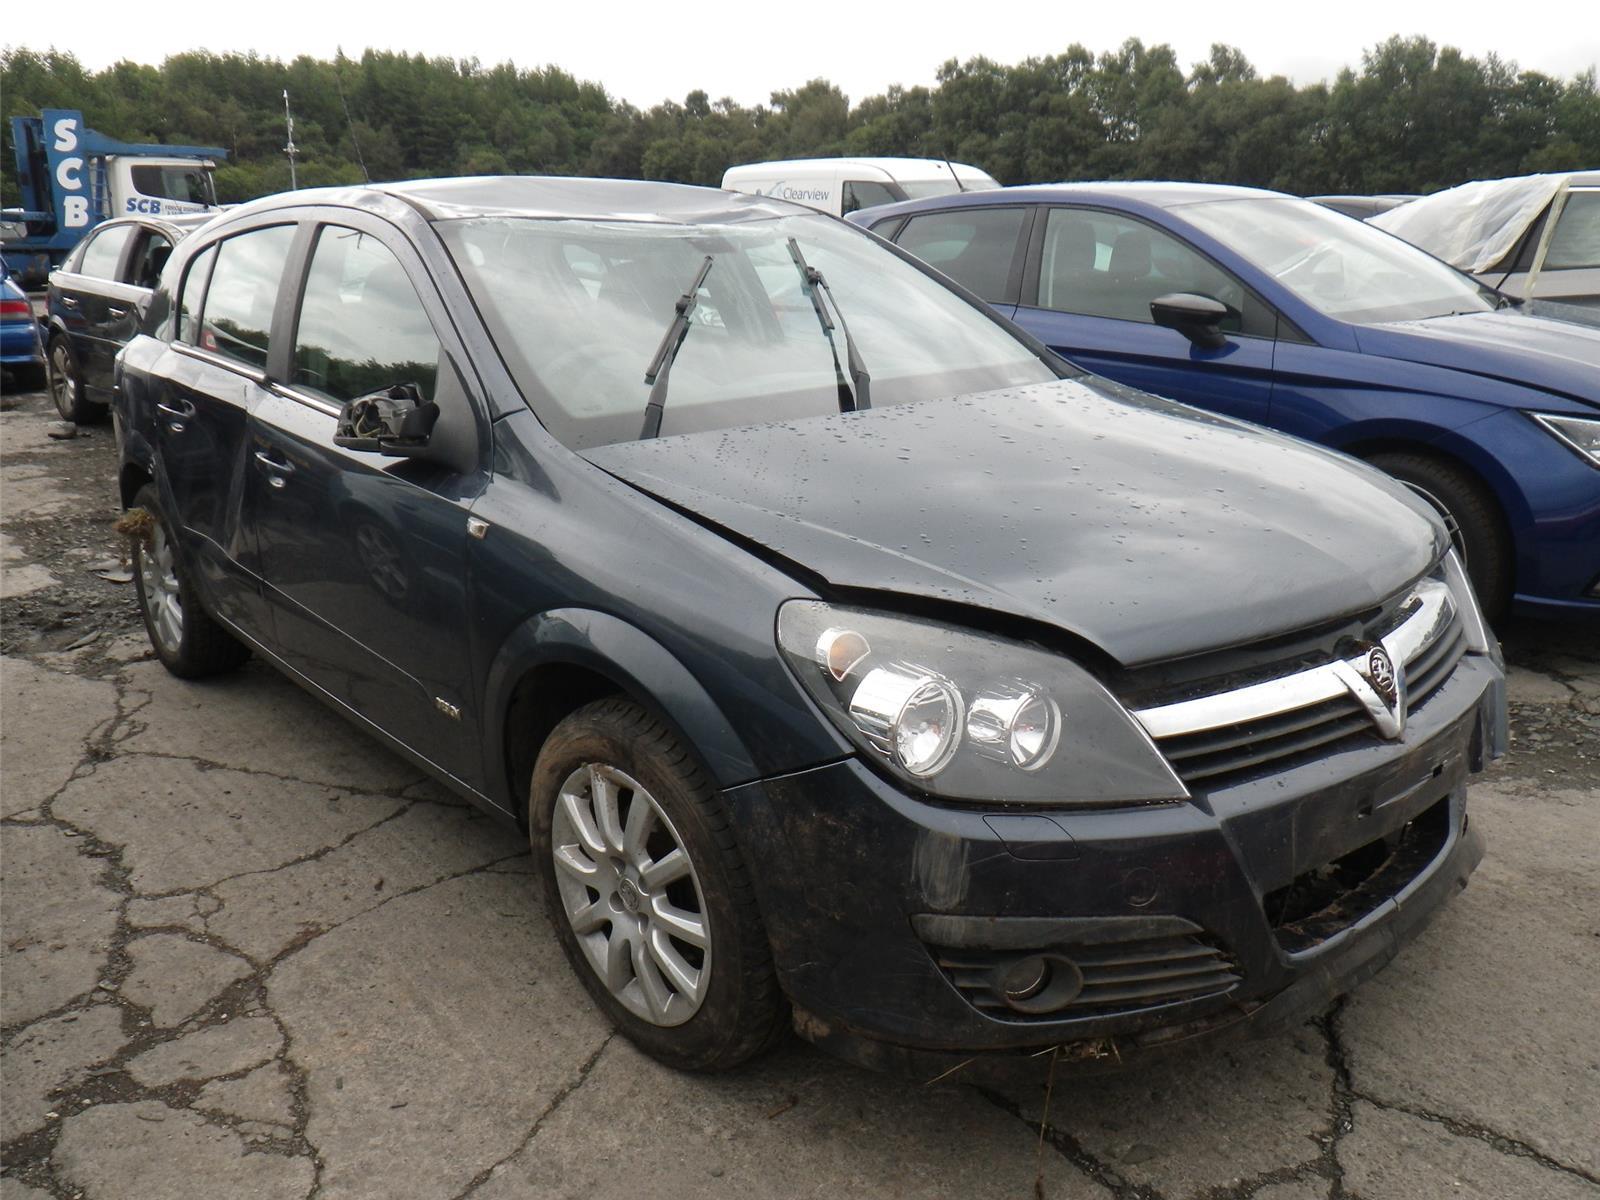 Vauxhall Astra 2004 To 2006 5 Door Hatchback